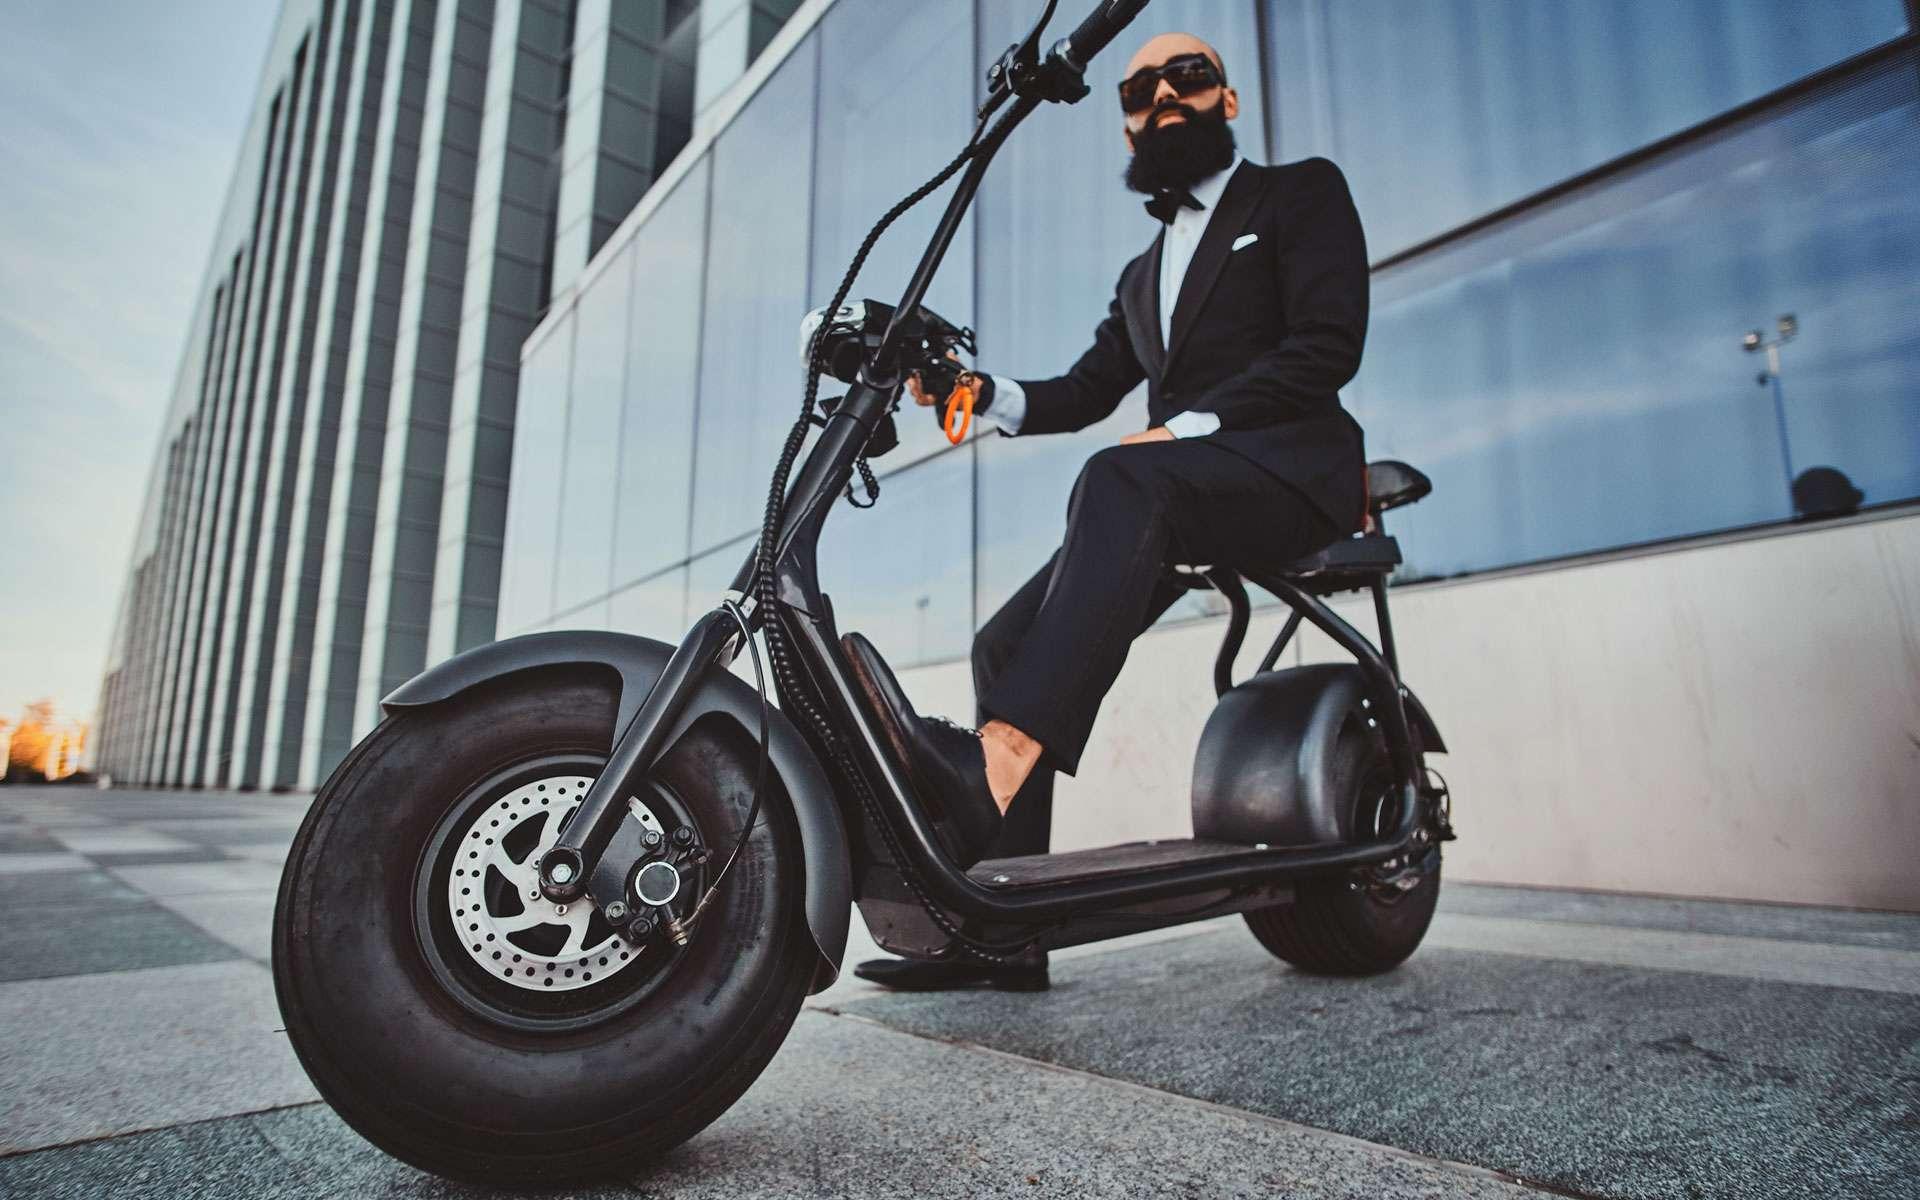 Un homme est installé son sur son deux roues électriques en bas de bureaux professionnels © fxquadro, Envato Elements